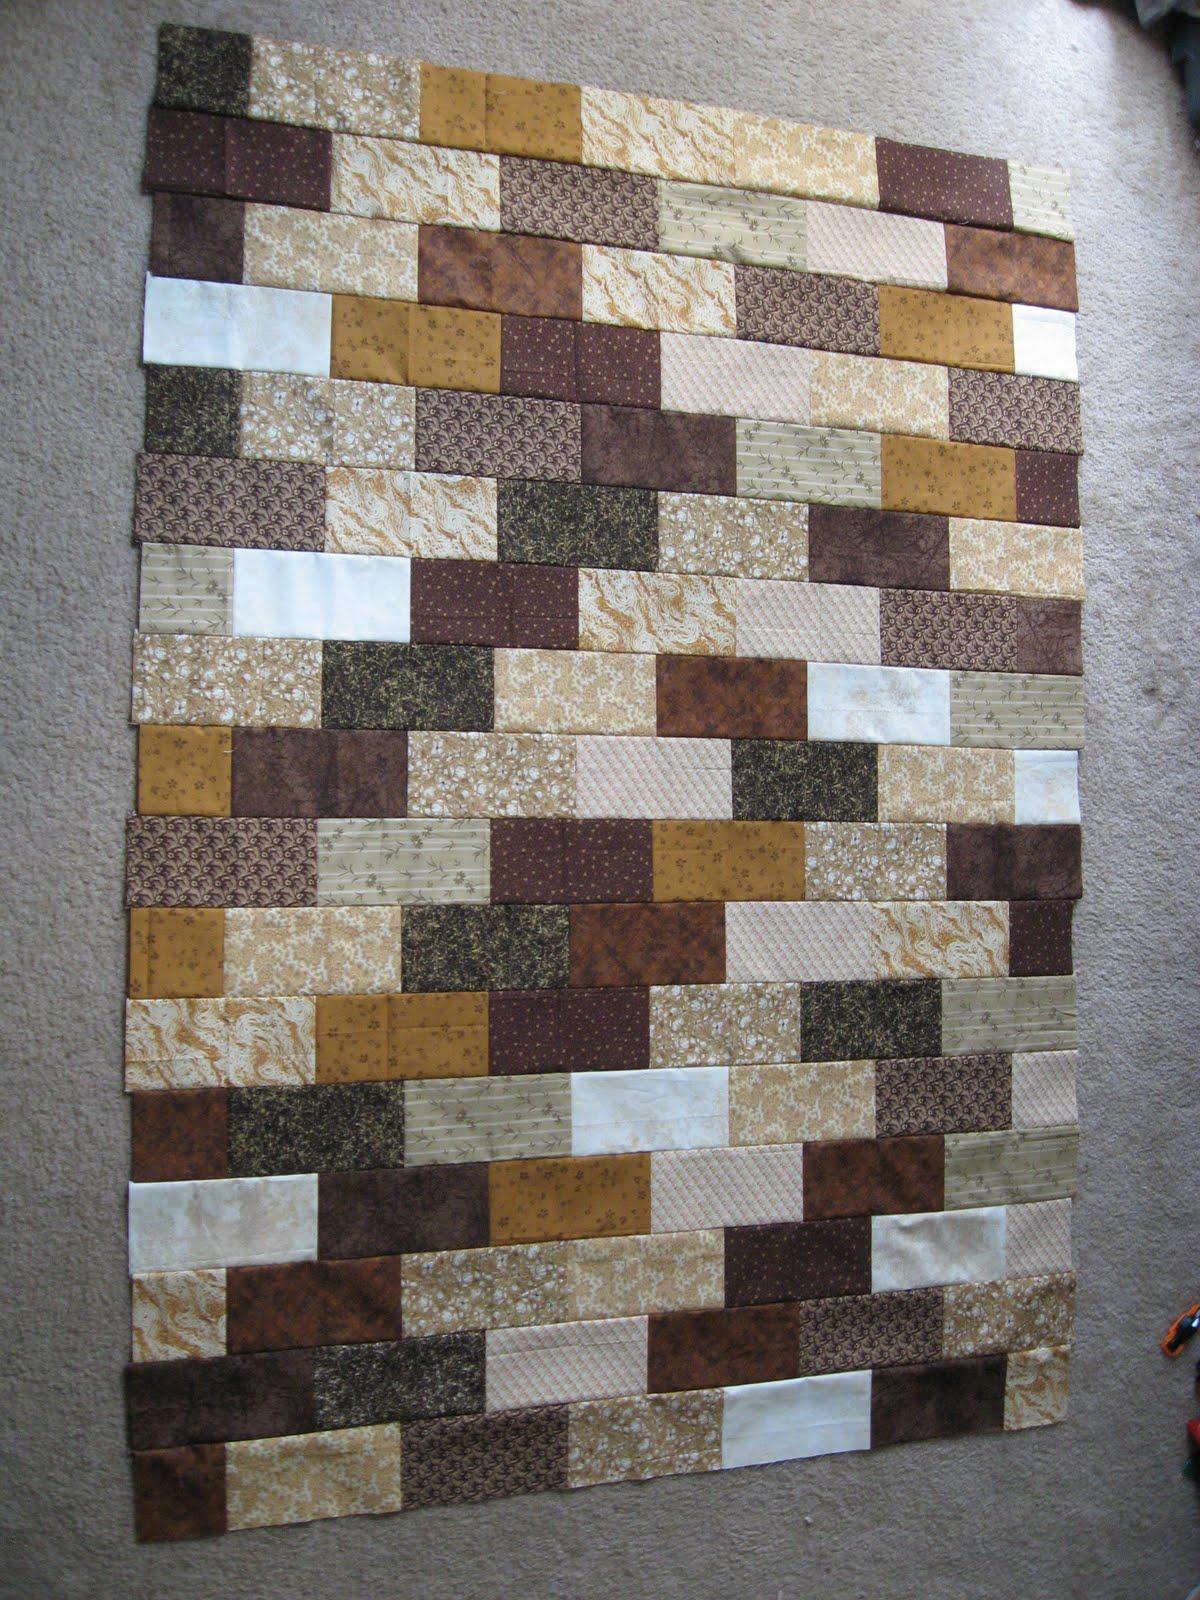 The Brick Wall Quilt Pattern | BlueStripedRoom : brick quilt - Adamdwight.com